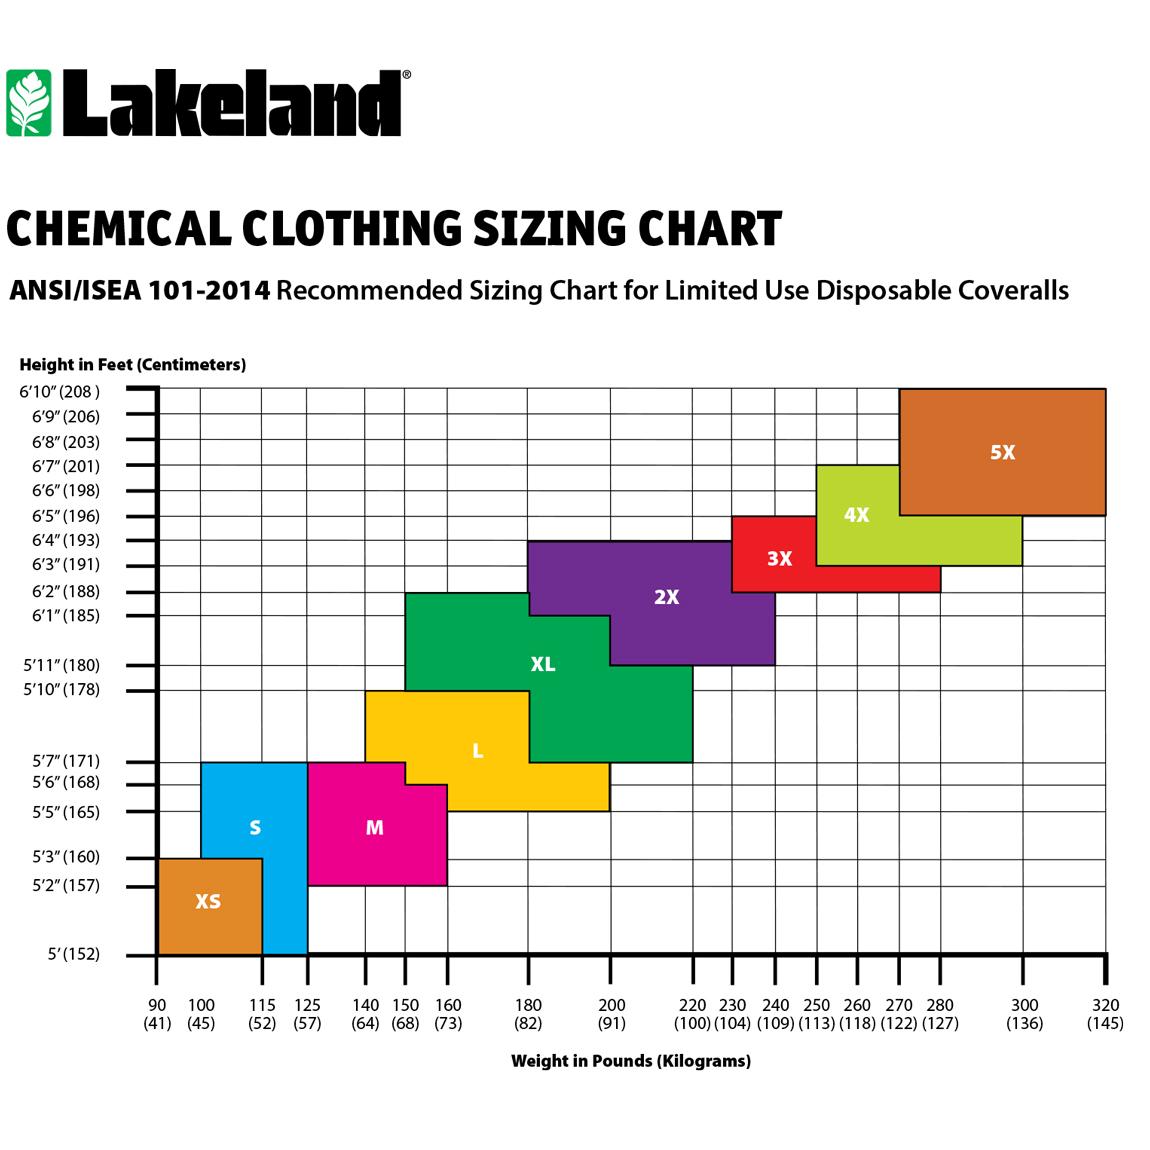 Lakeland HazMat Coverall Sizing Chart image